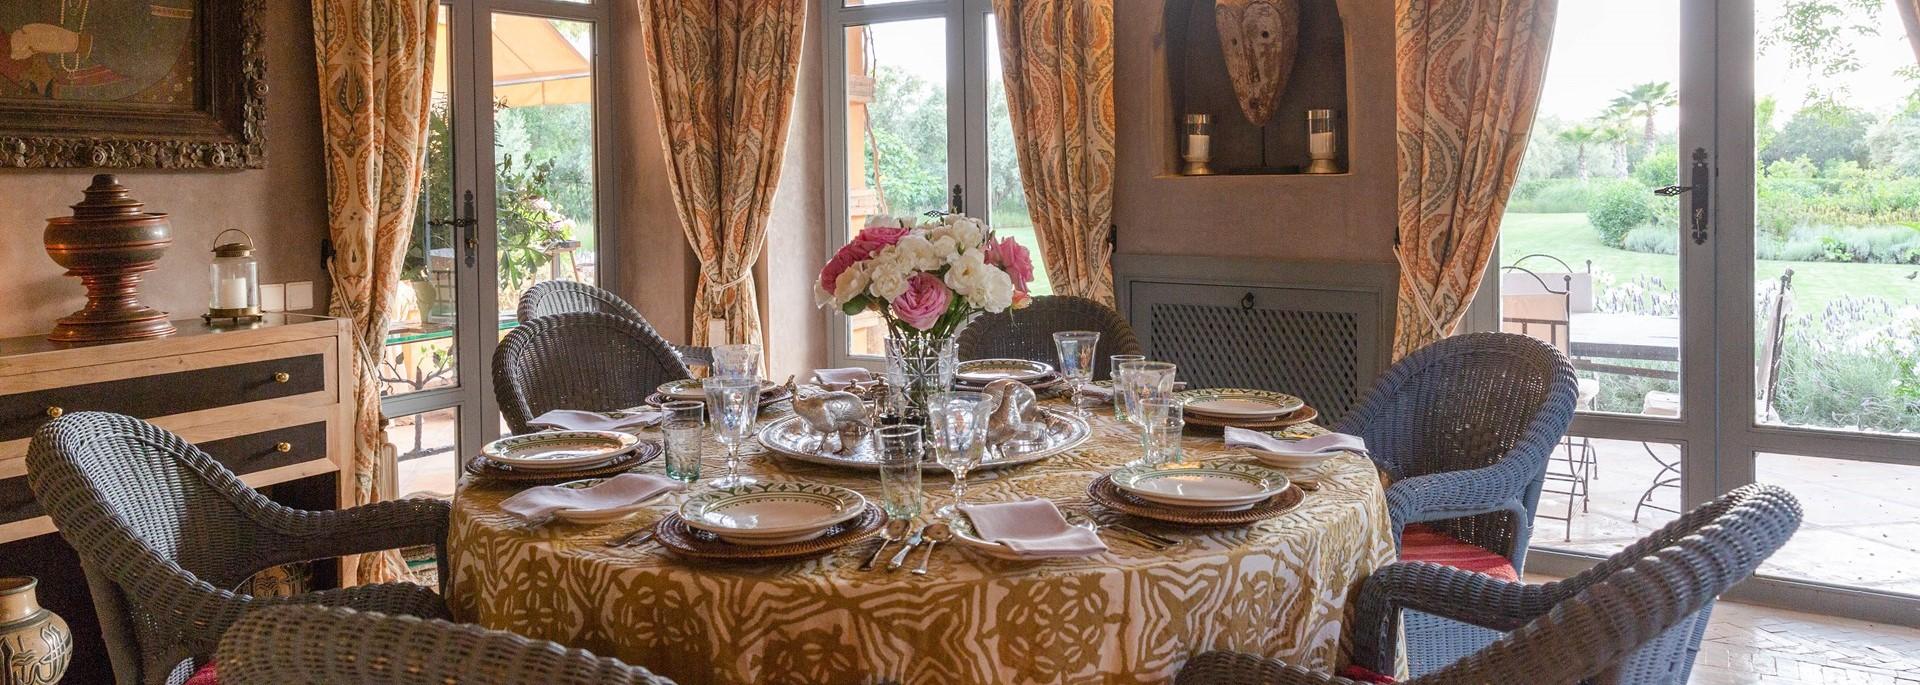 villa-dar-tourtite-dining-room